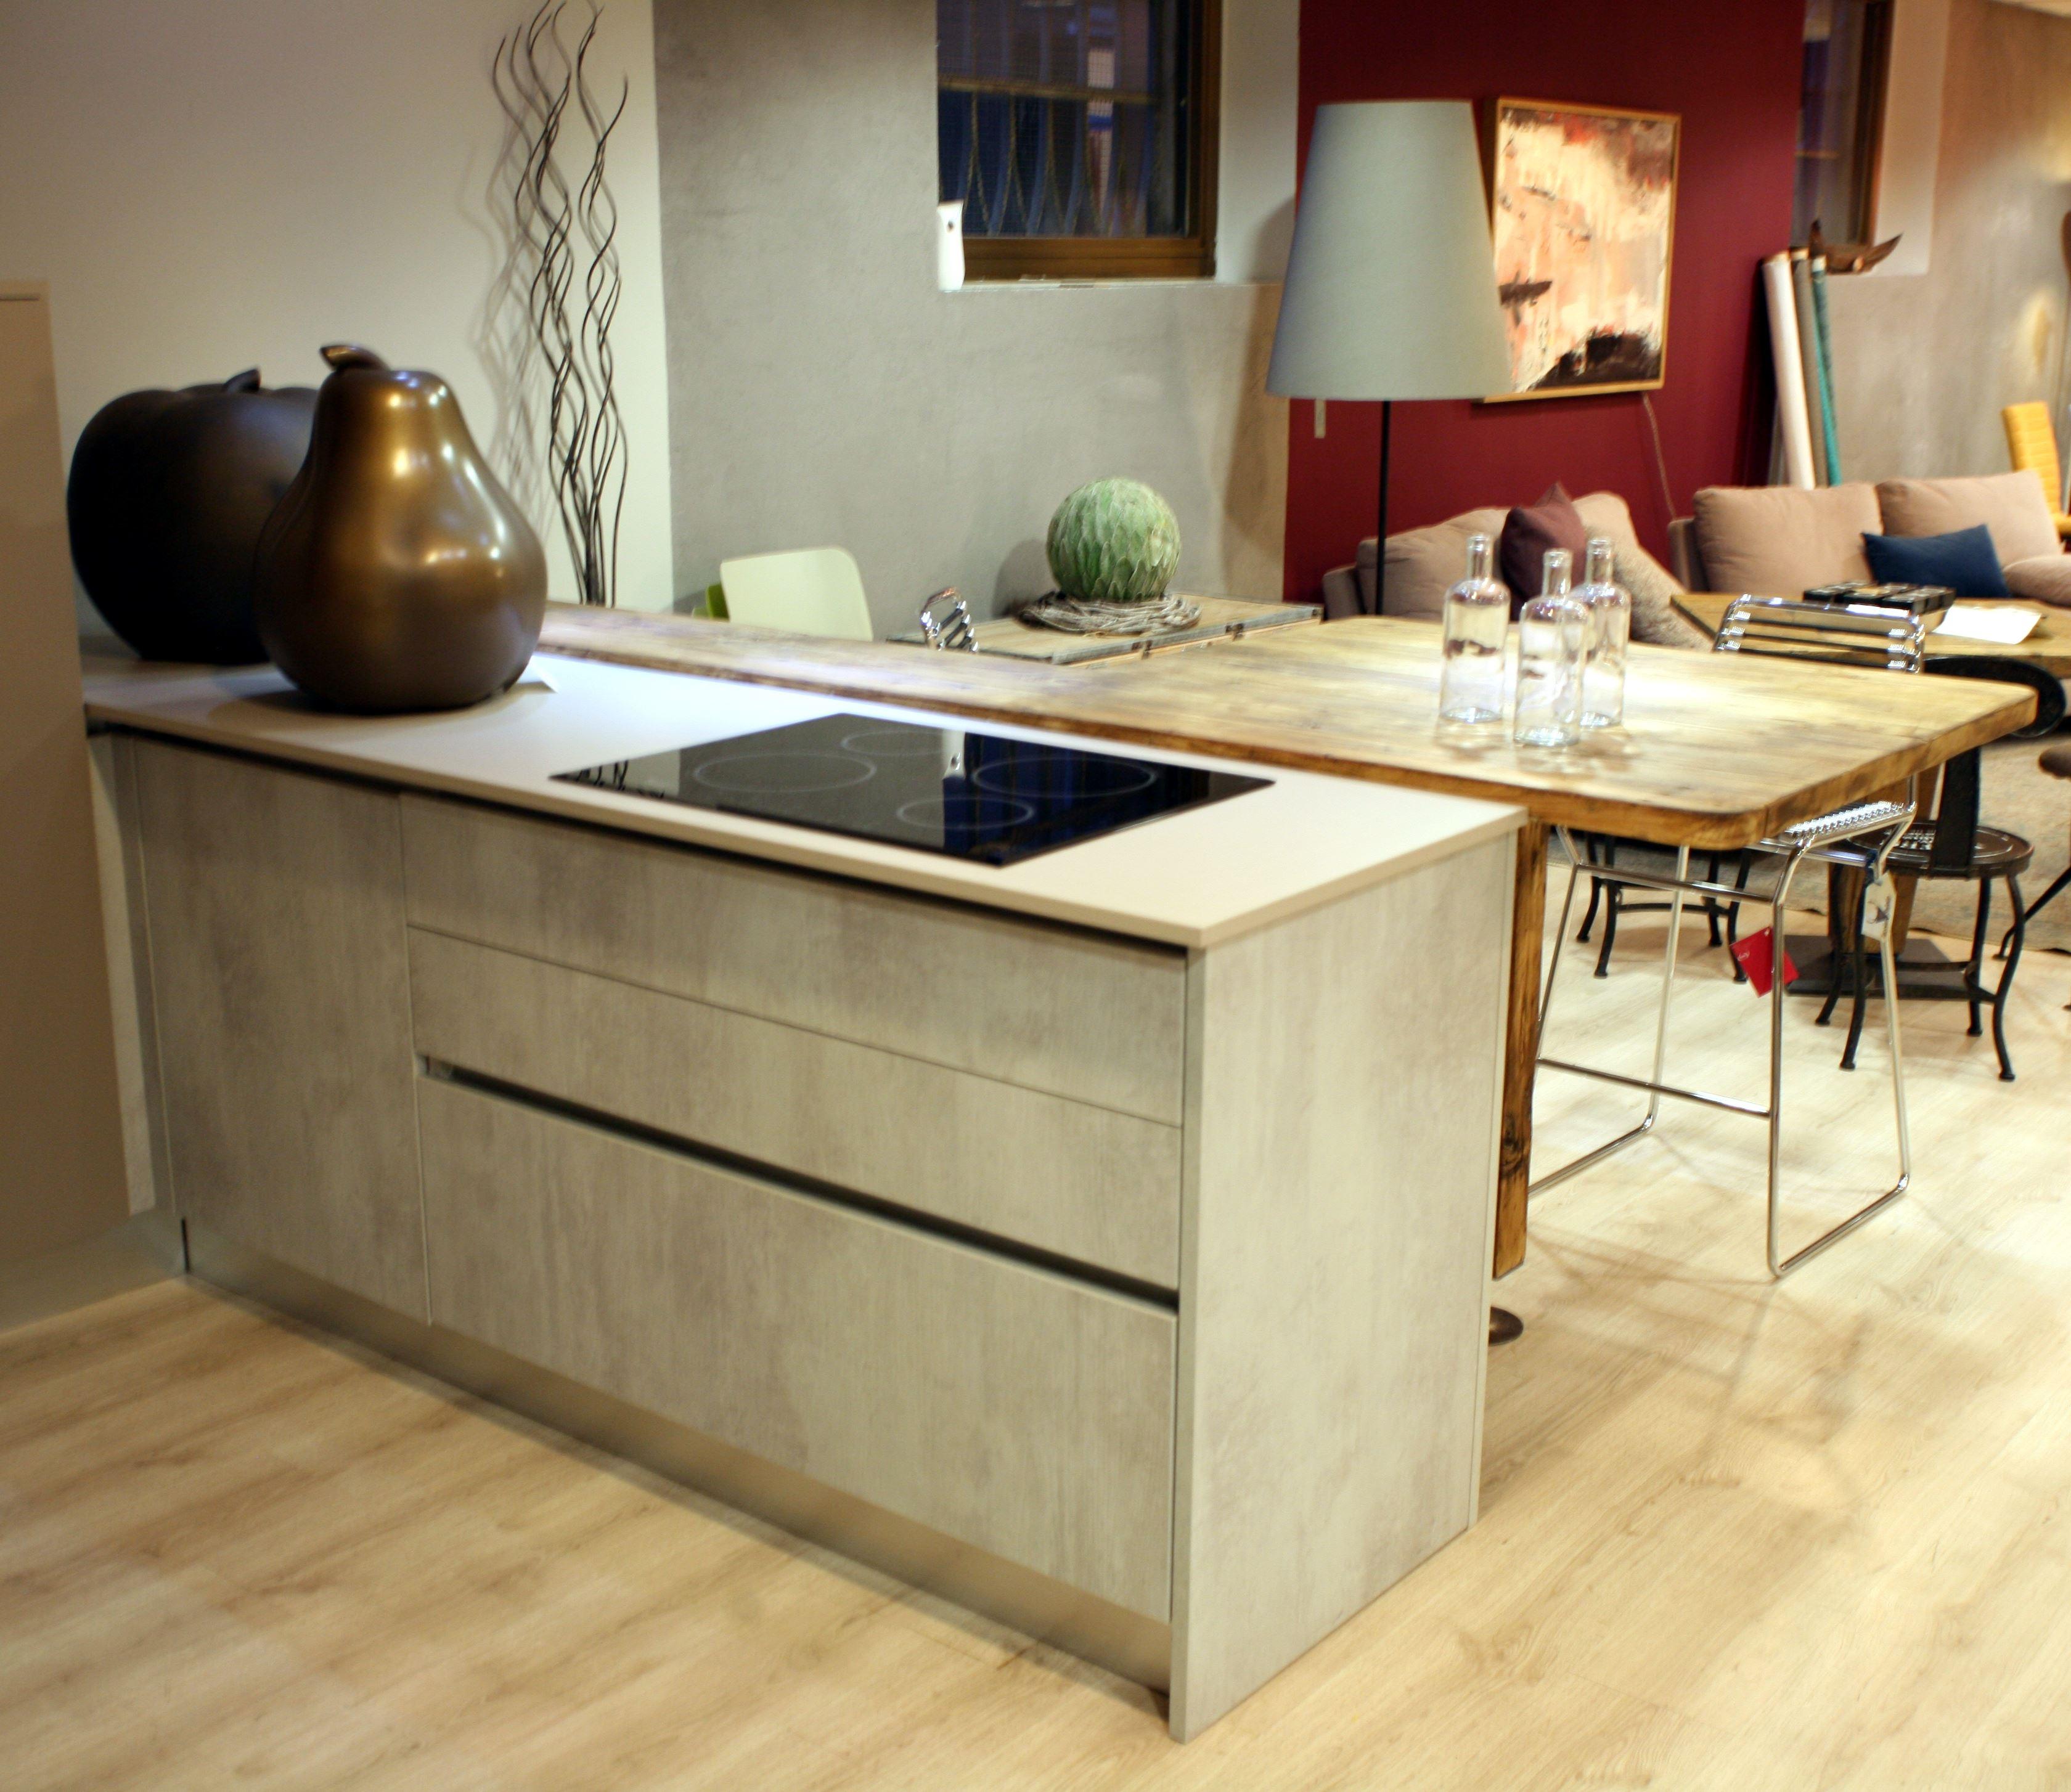 Offerta Cucina Lube Immagina Neck scontata del 40% - Cucine a ...